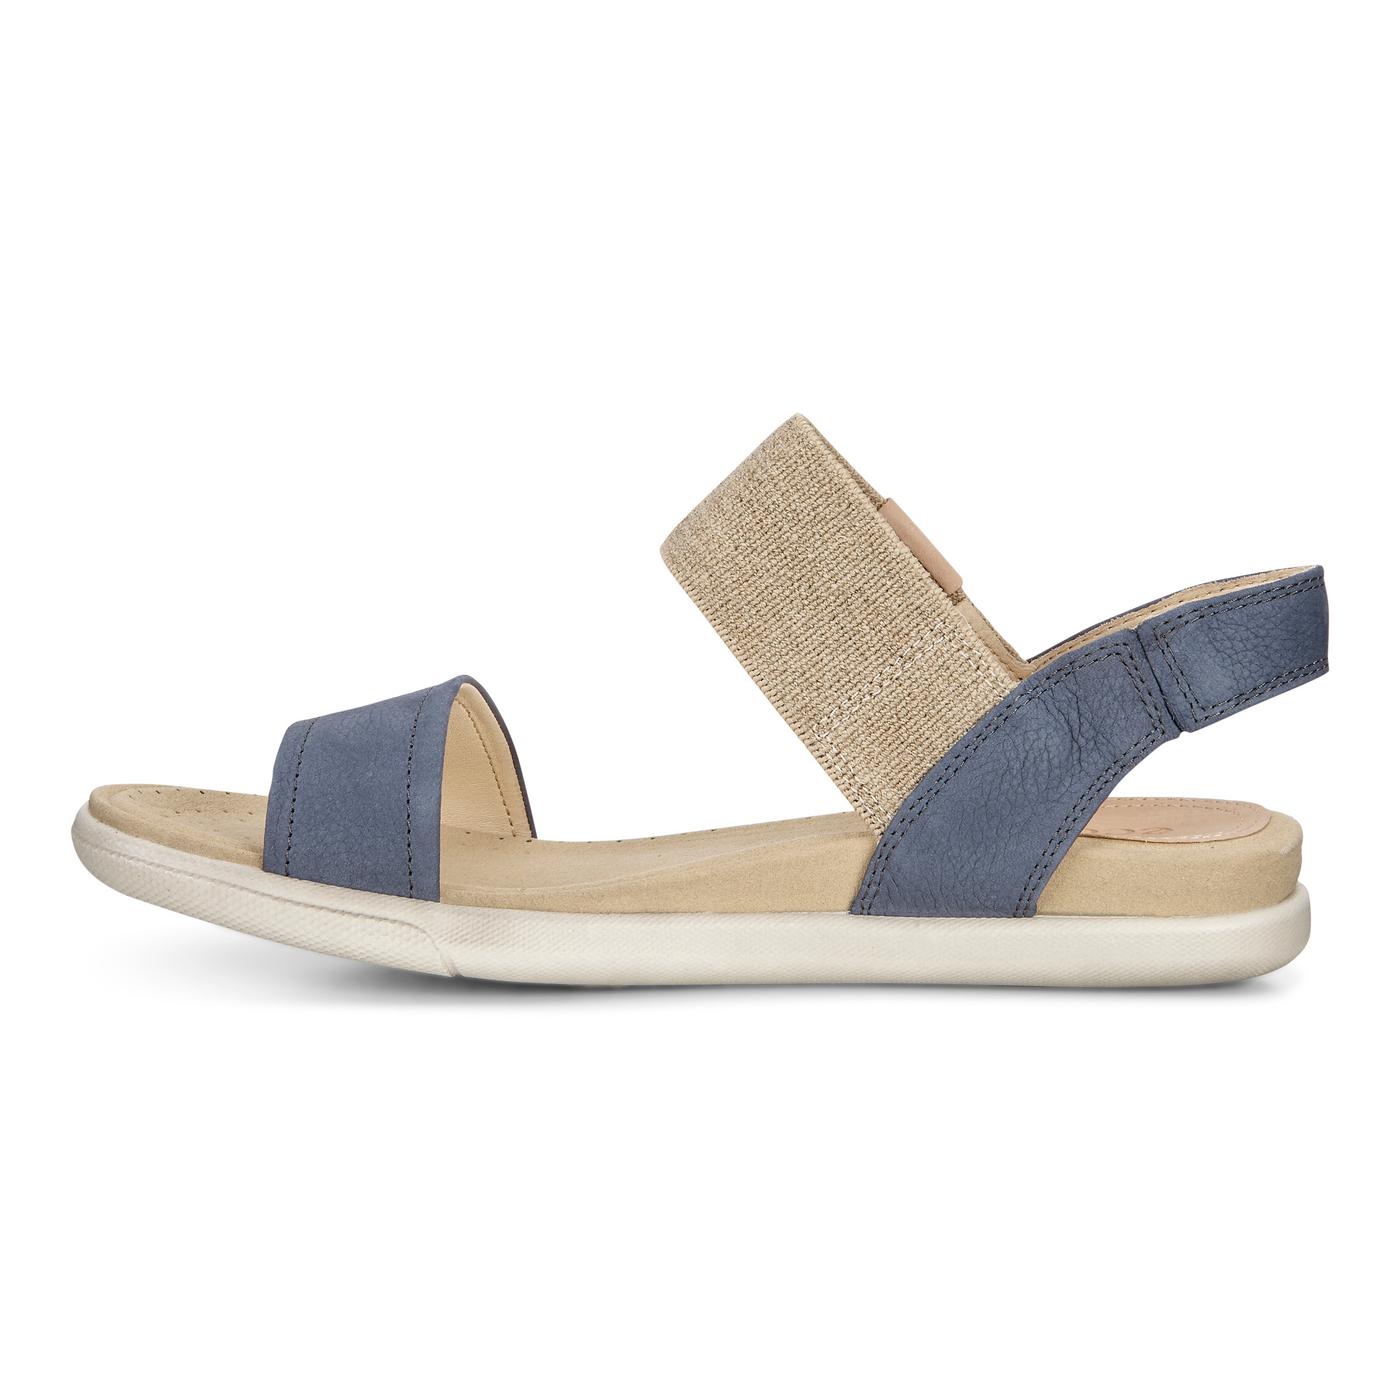 4d2a6186f5a4 ECCO Damara Ankle Sandal